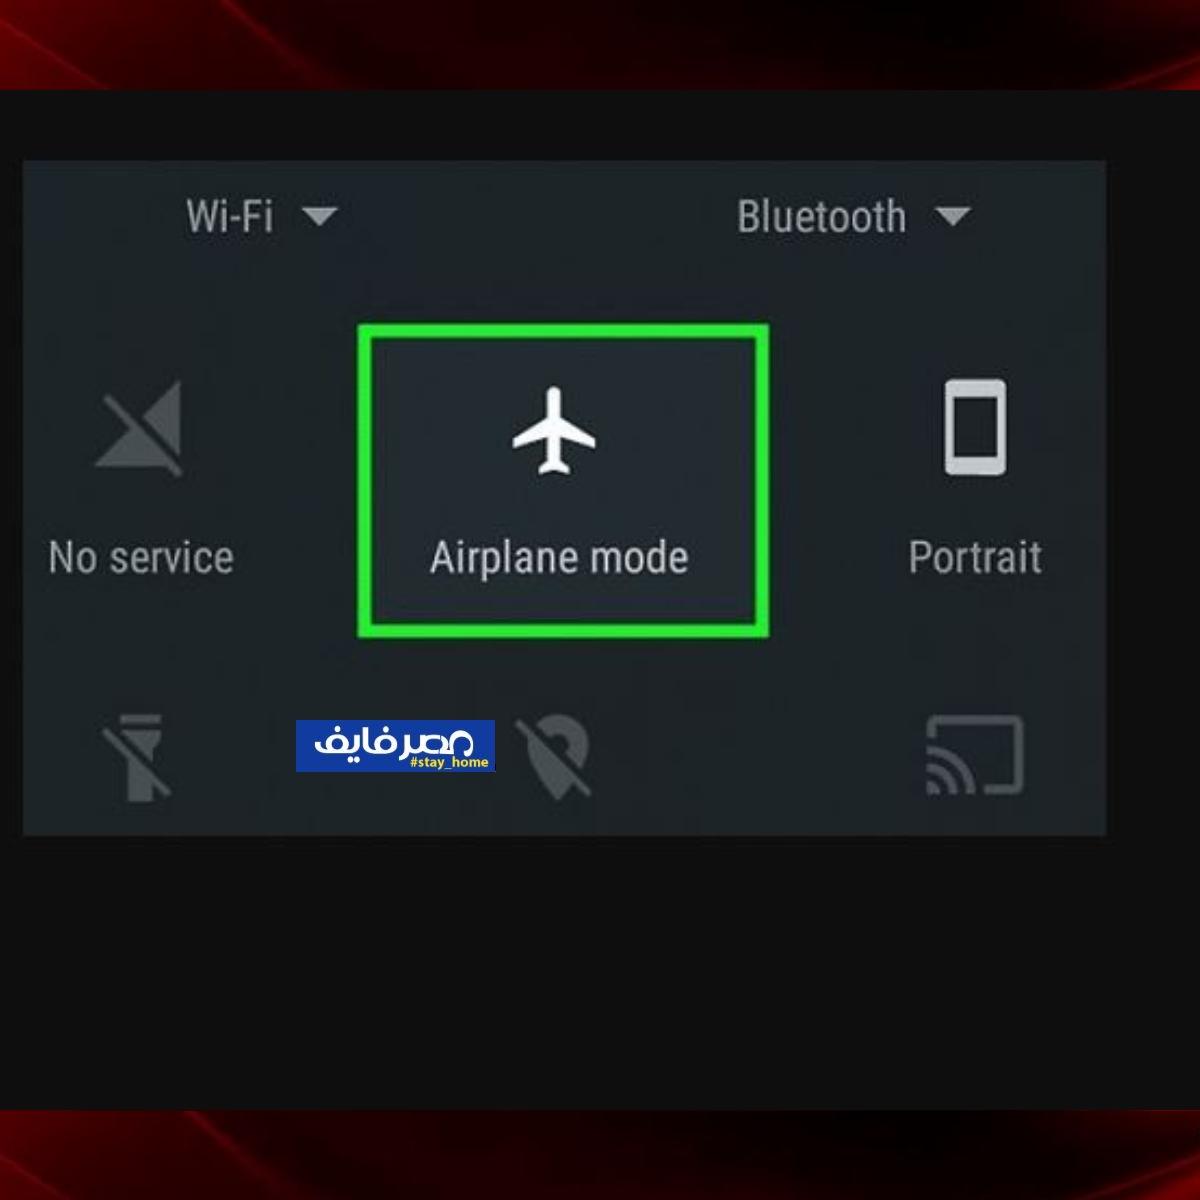 اخفاء حالة الظهور في واتساب باستخدام وضعية الطيران.JPG